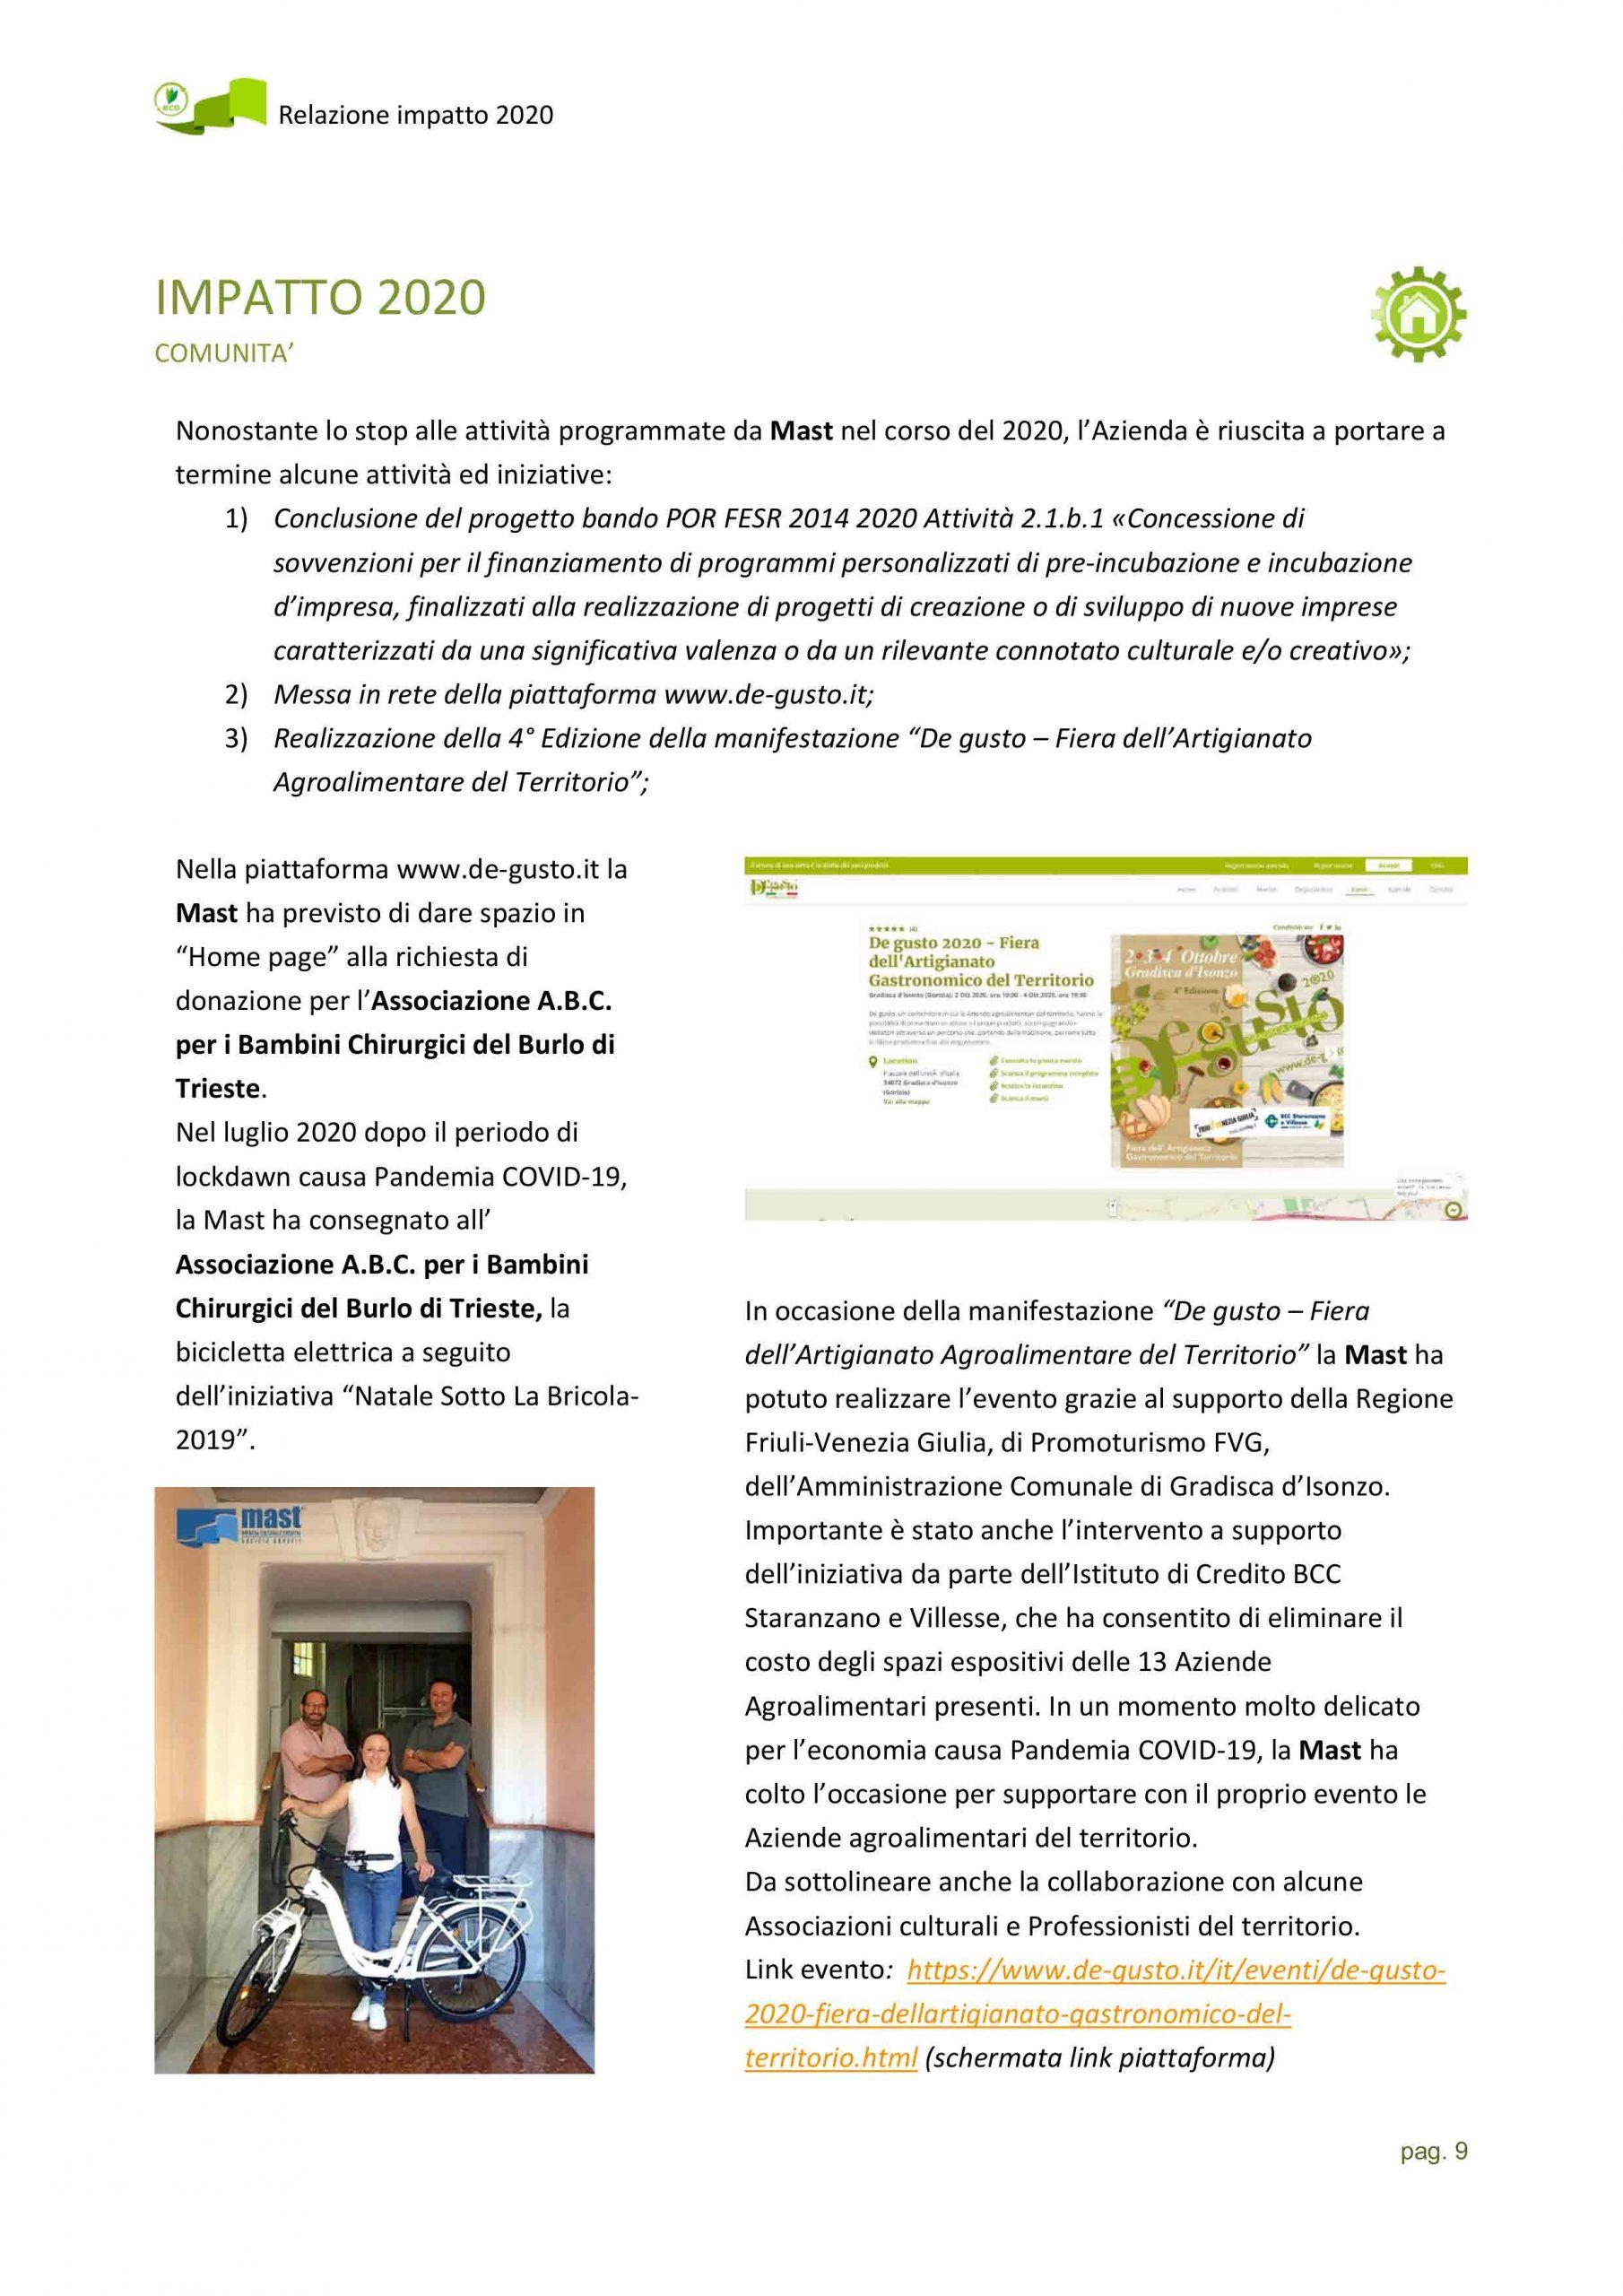 IMPATTO SOCIALE MAST BILANCIO 2020-bozza1_Pagina_10